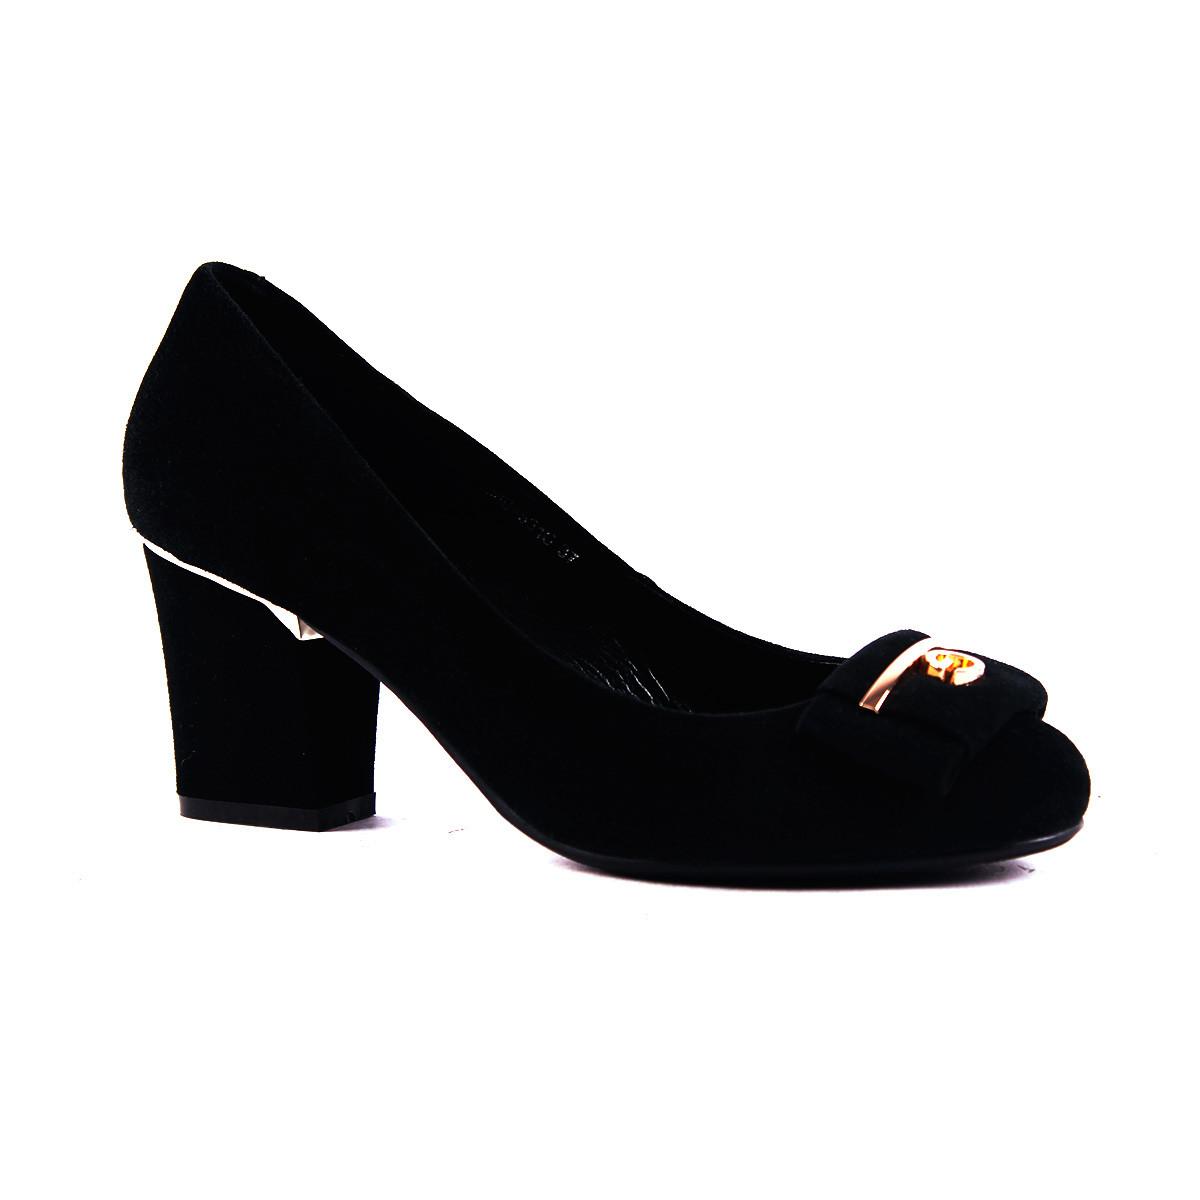 862b56988 Купить Туфли Reuchll замшевые на широком каблуке недорого в интернет ...